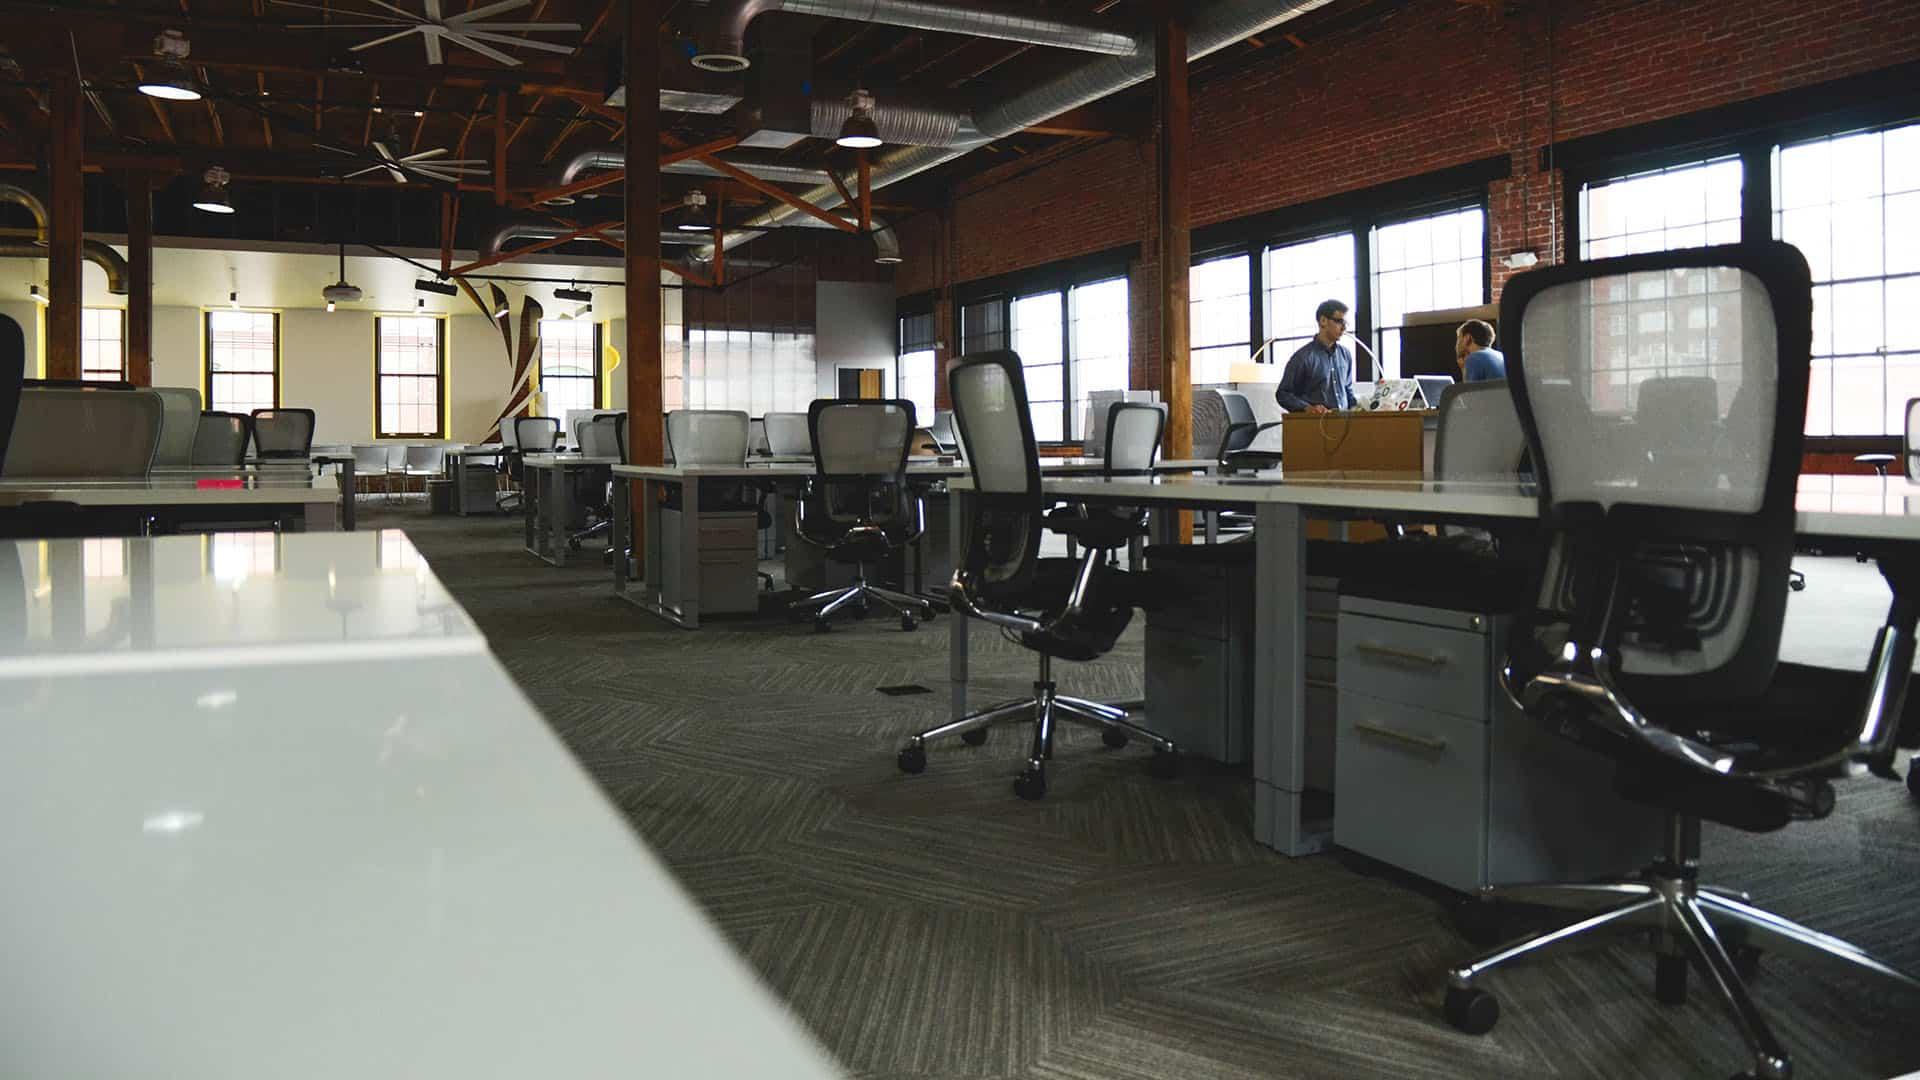 De voordelen van gebruikte kantoormeubelen